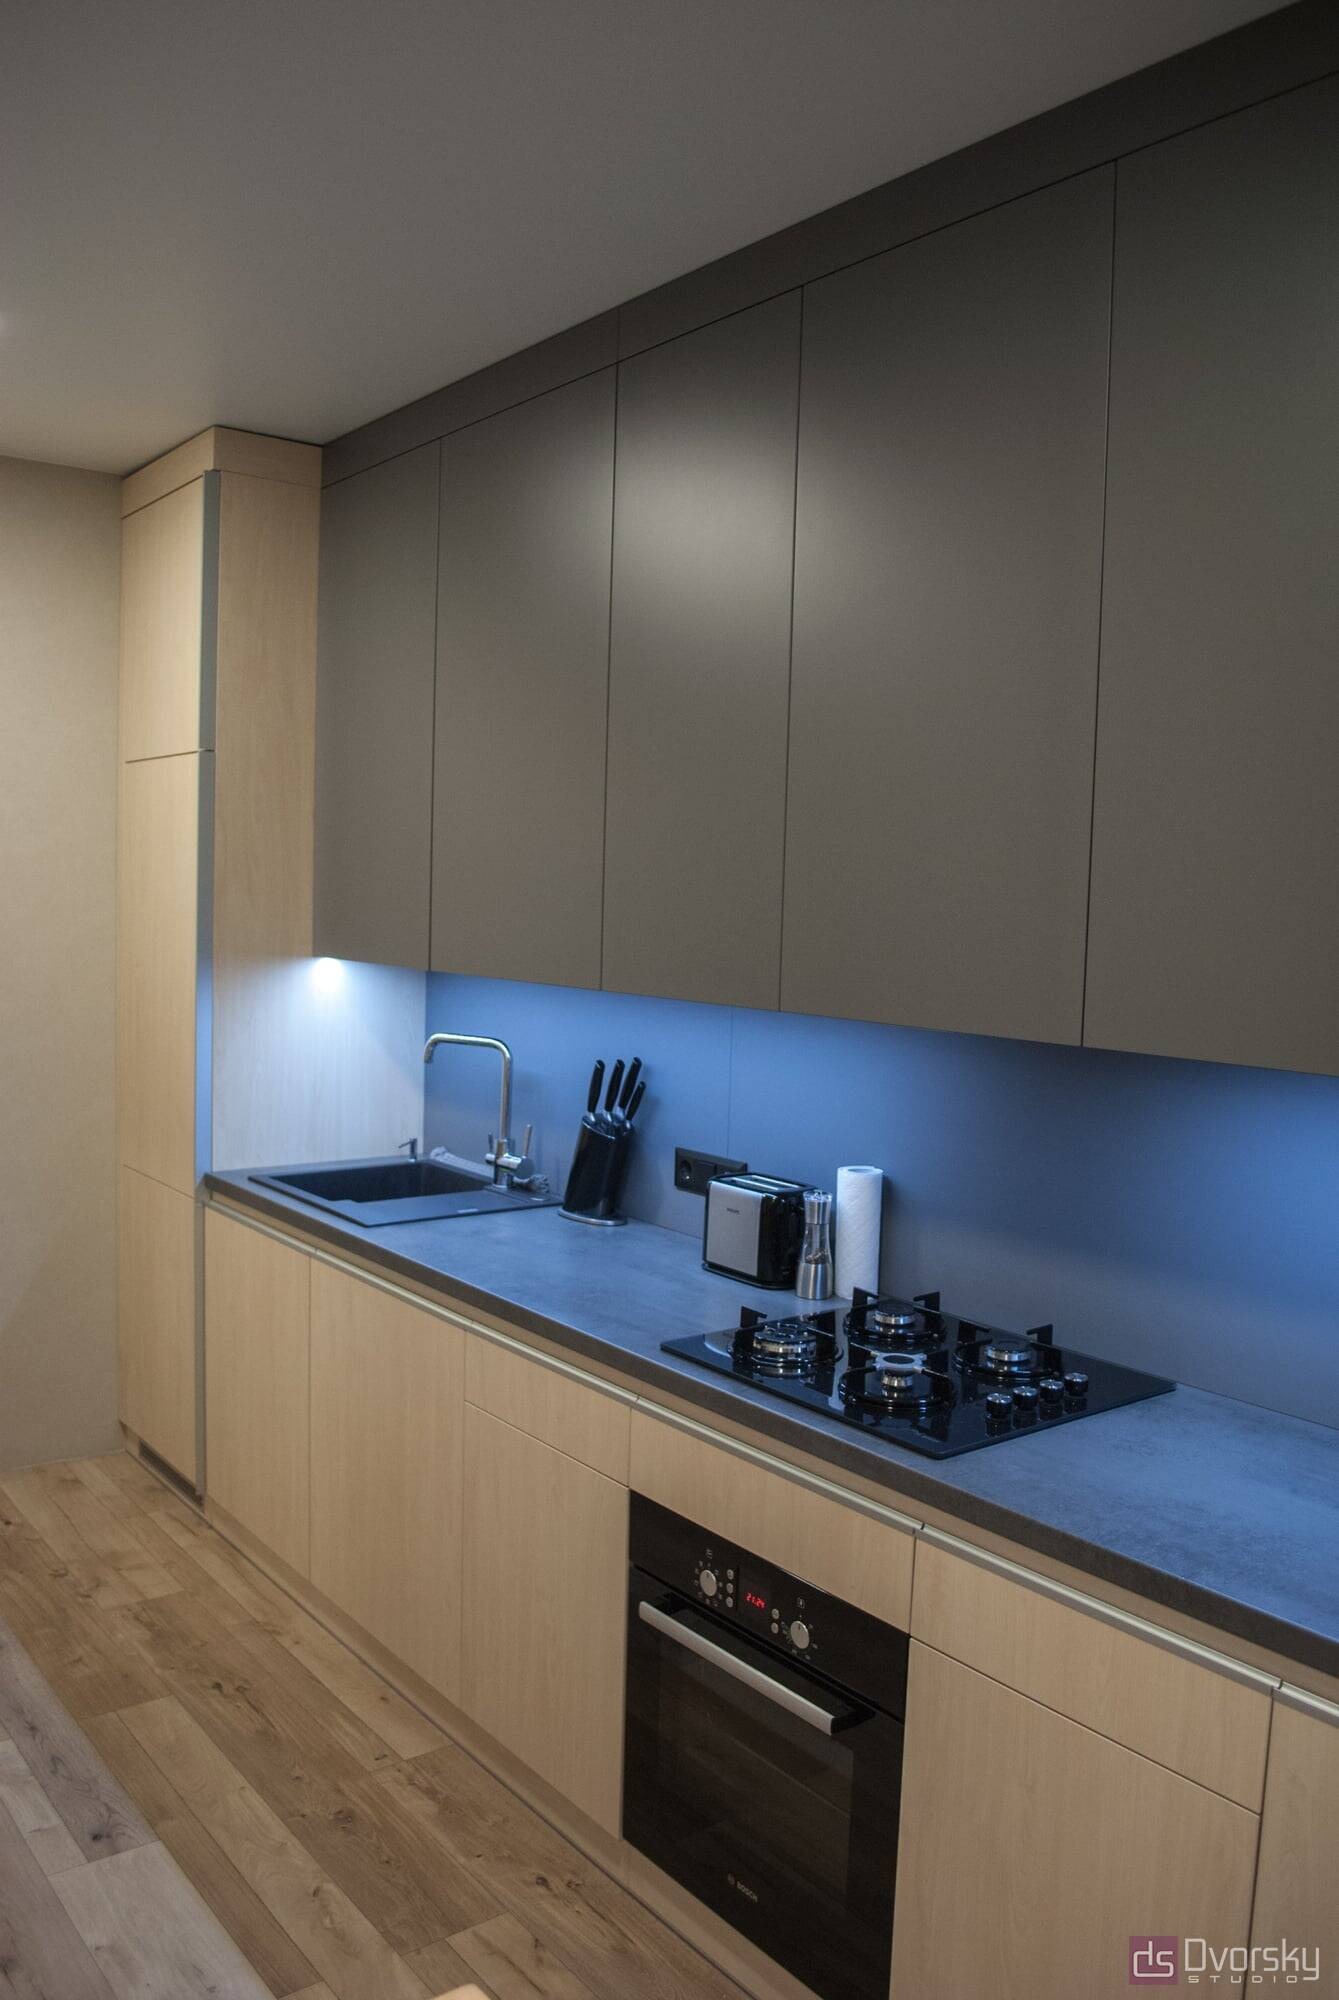 Прямі кухні Кухня з фарбованим фартухом - Фото № 1